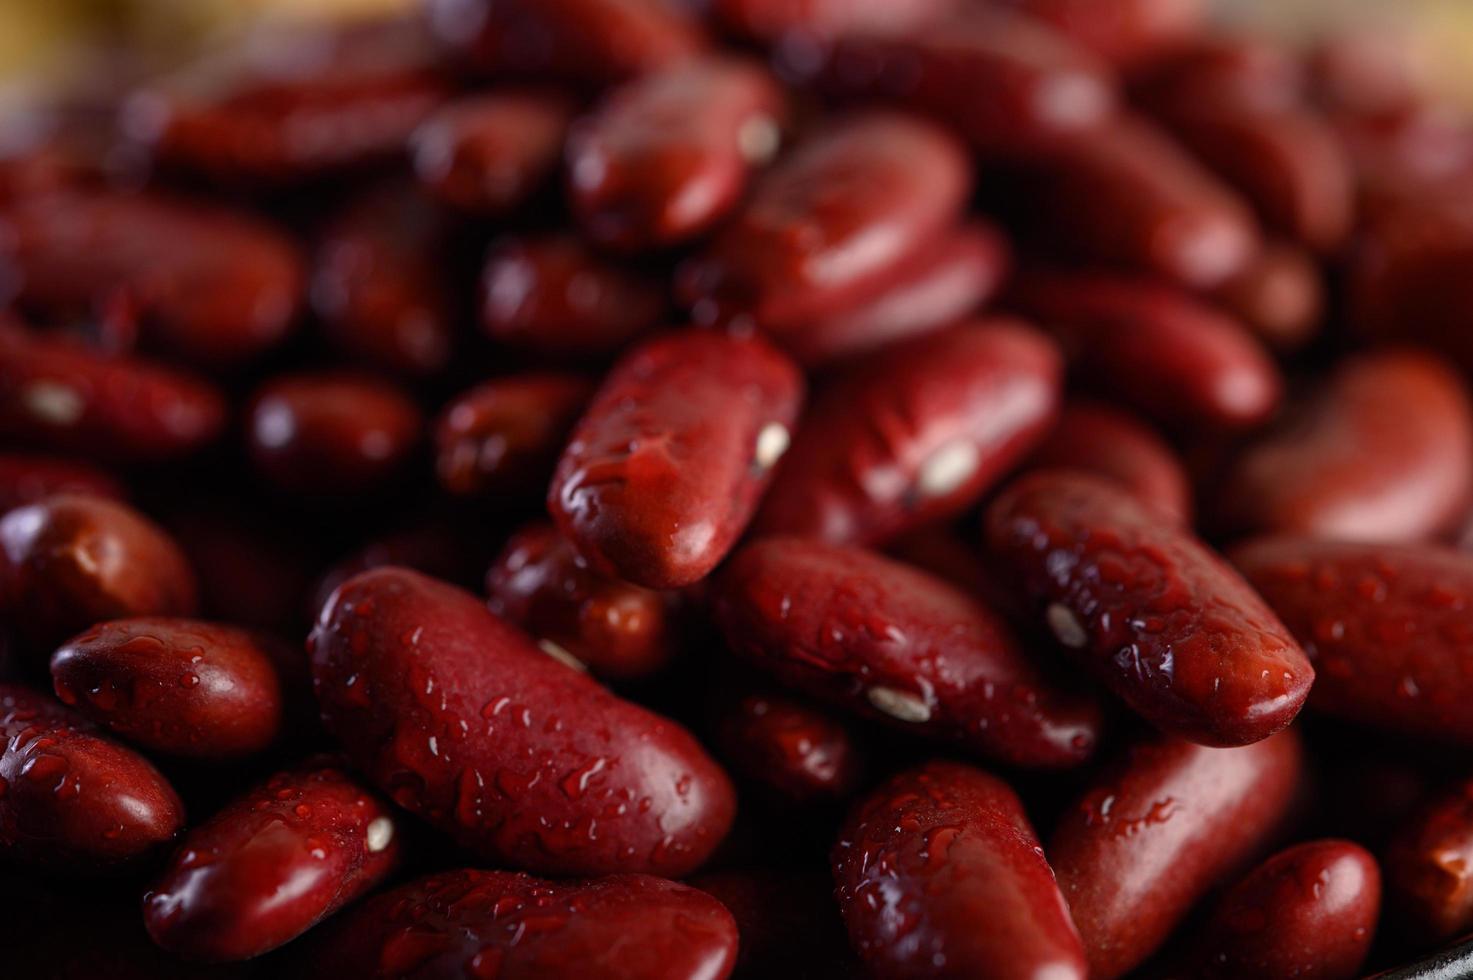 haricots rouges avec de l'eau pulvérisée photo